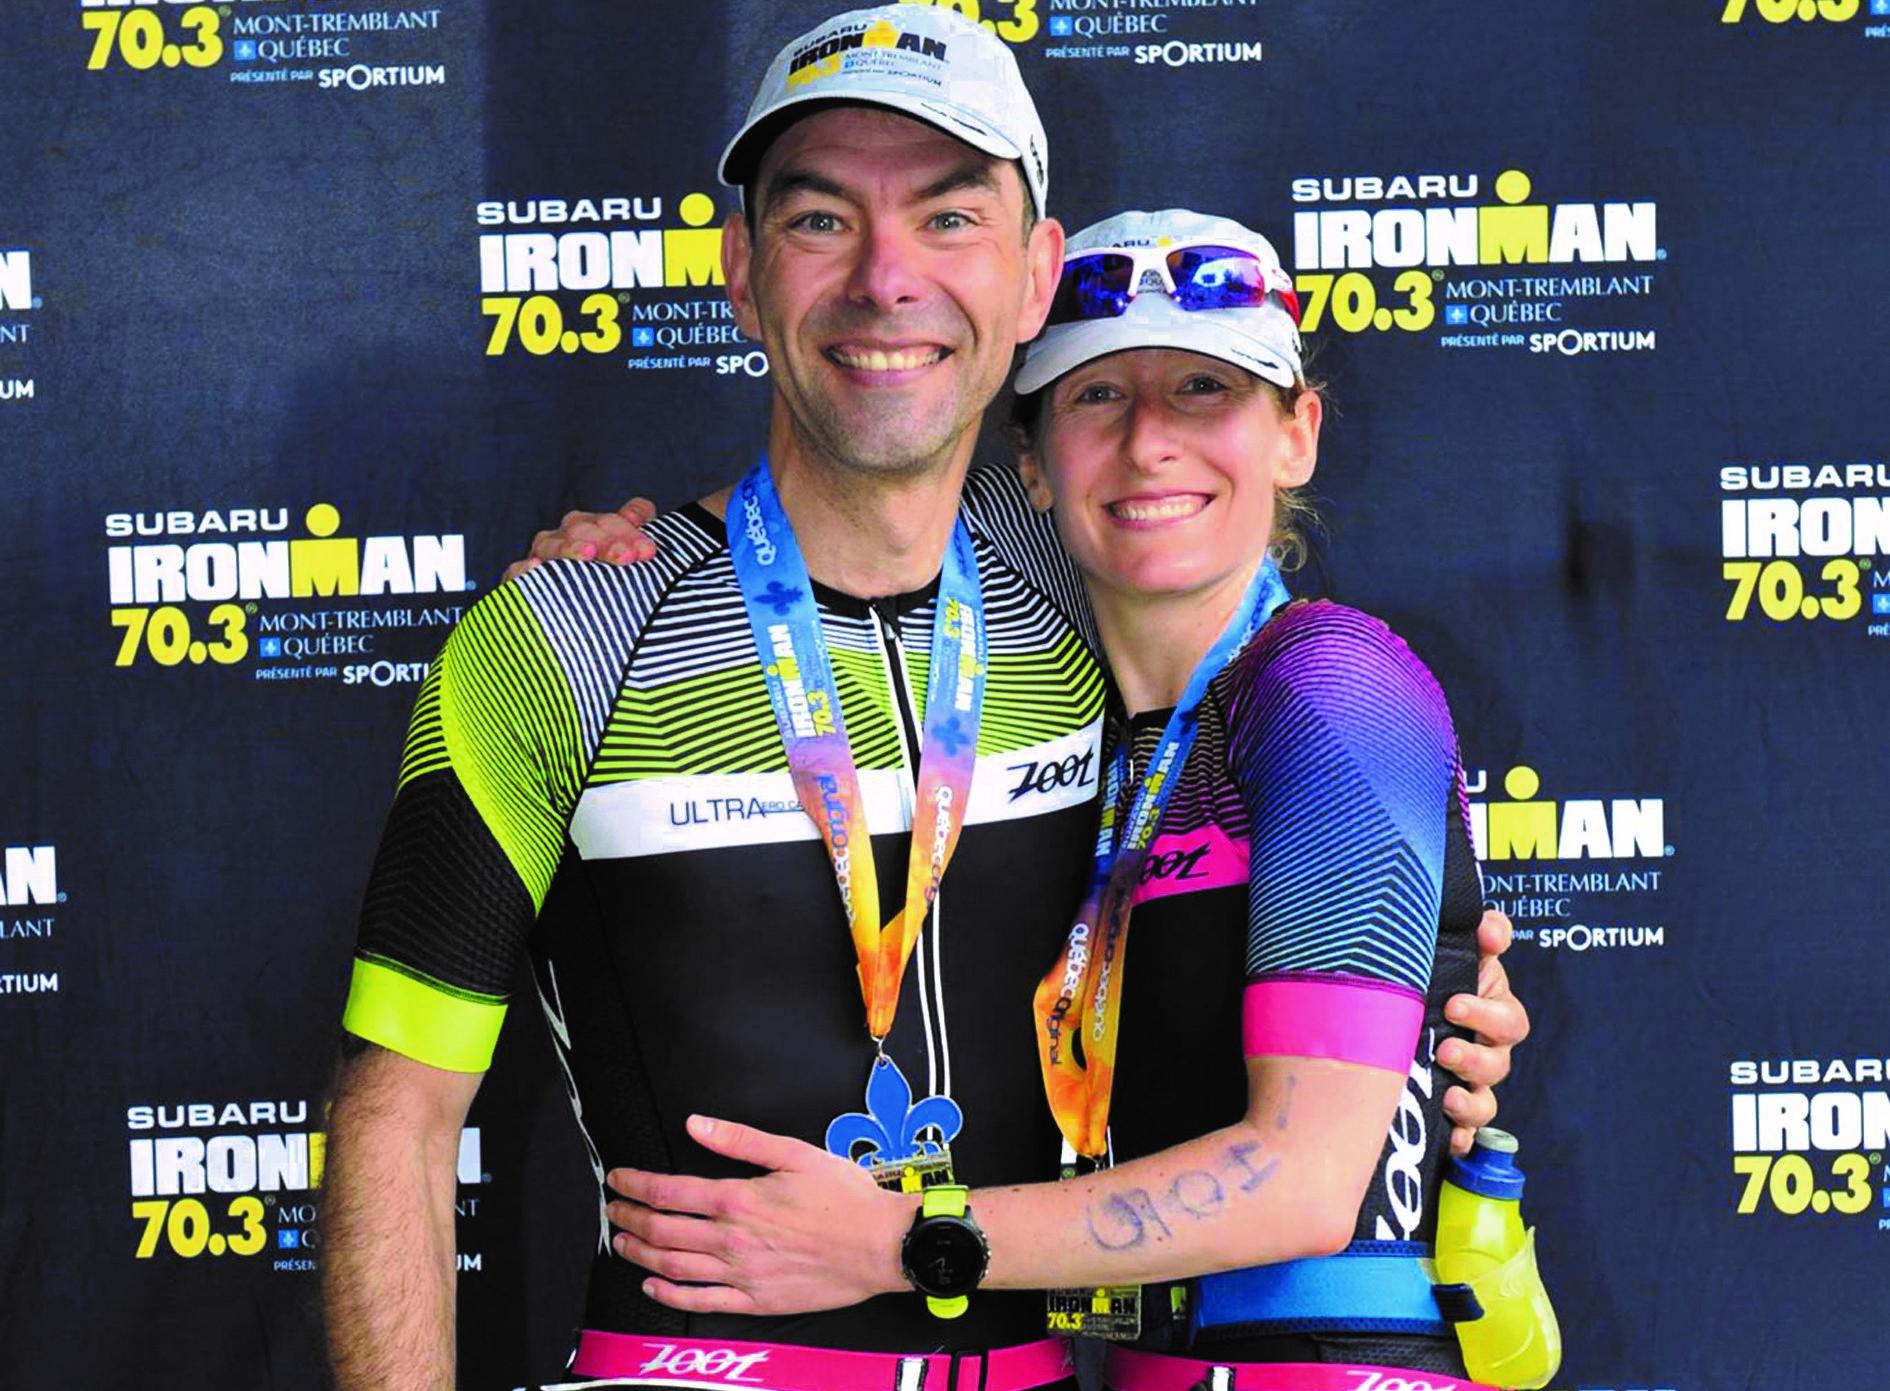 Lemay et Bérubé remettent ça au Ironman 70.3